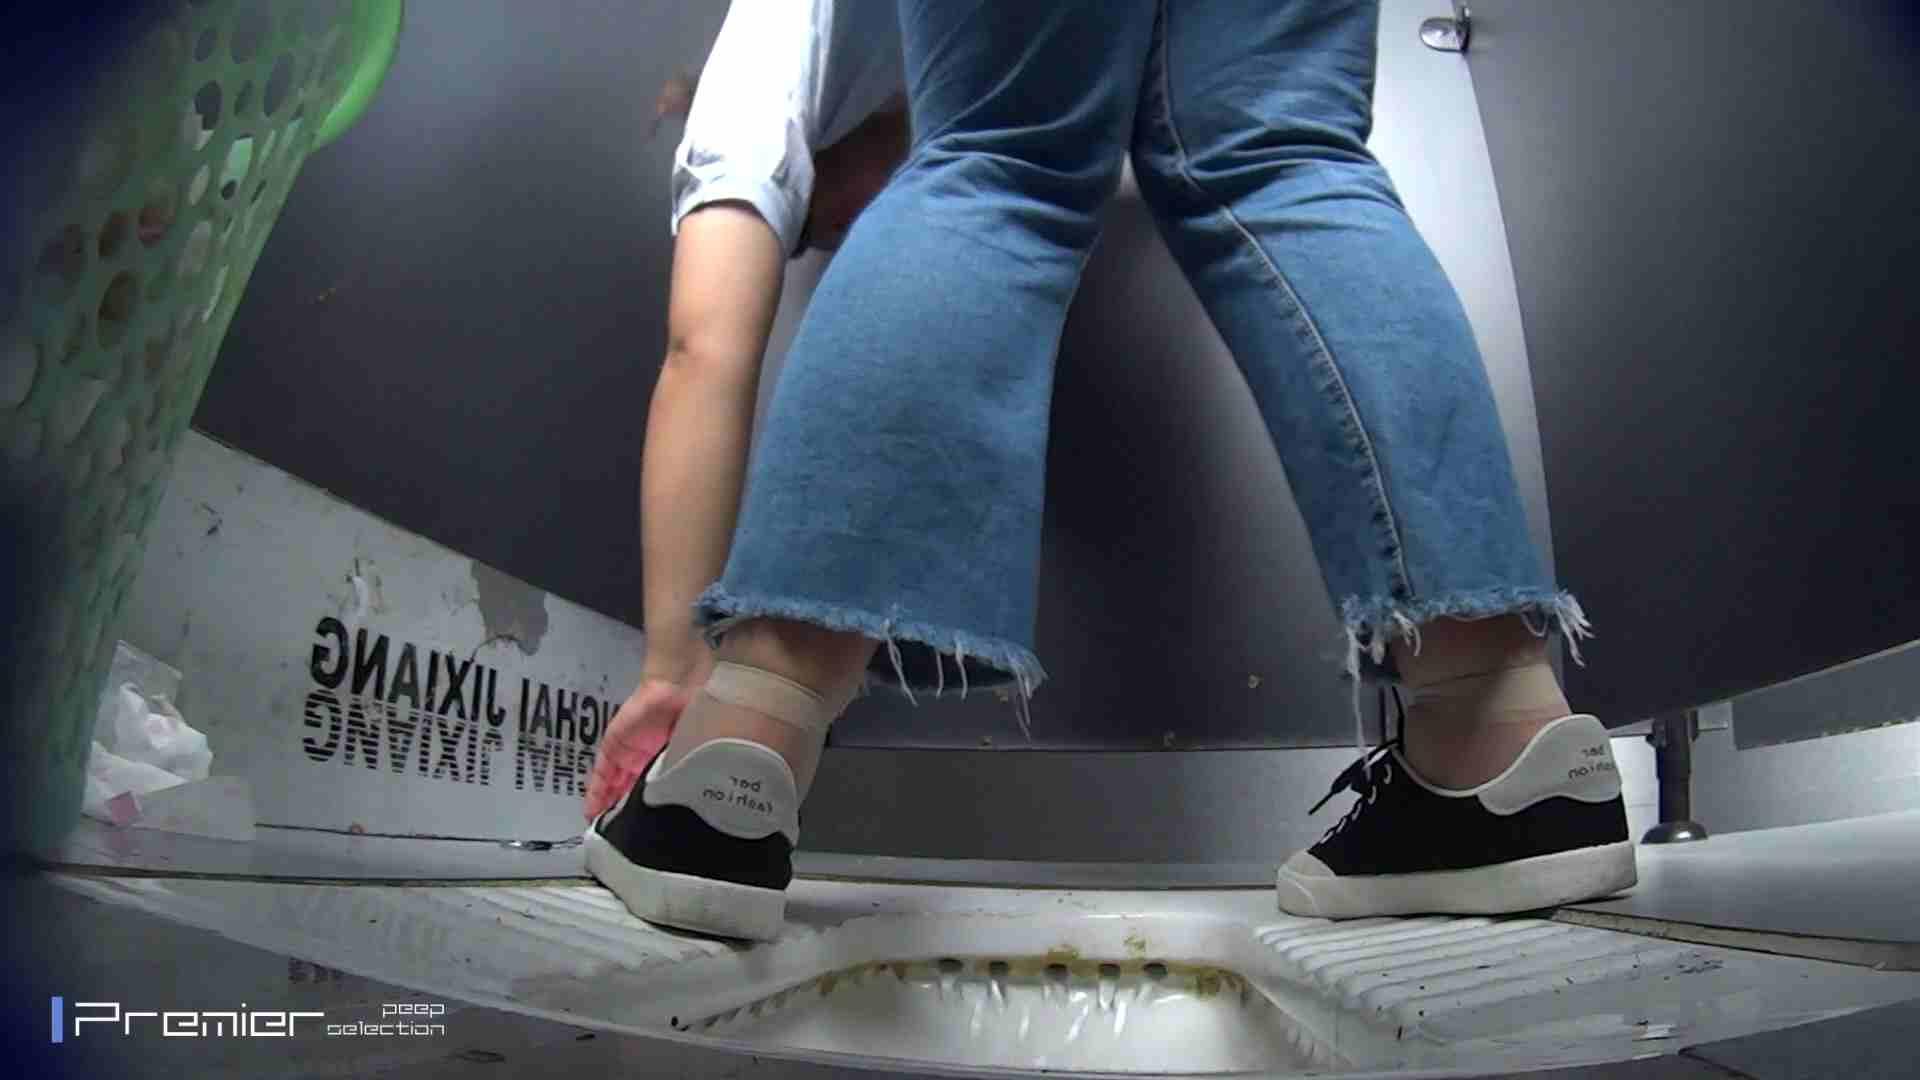 滴り落ちる聖水 大学休憩時間の洗面所事情42 美女 オマンコ動画キャプチャ 66画像 43